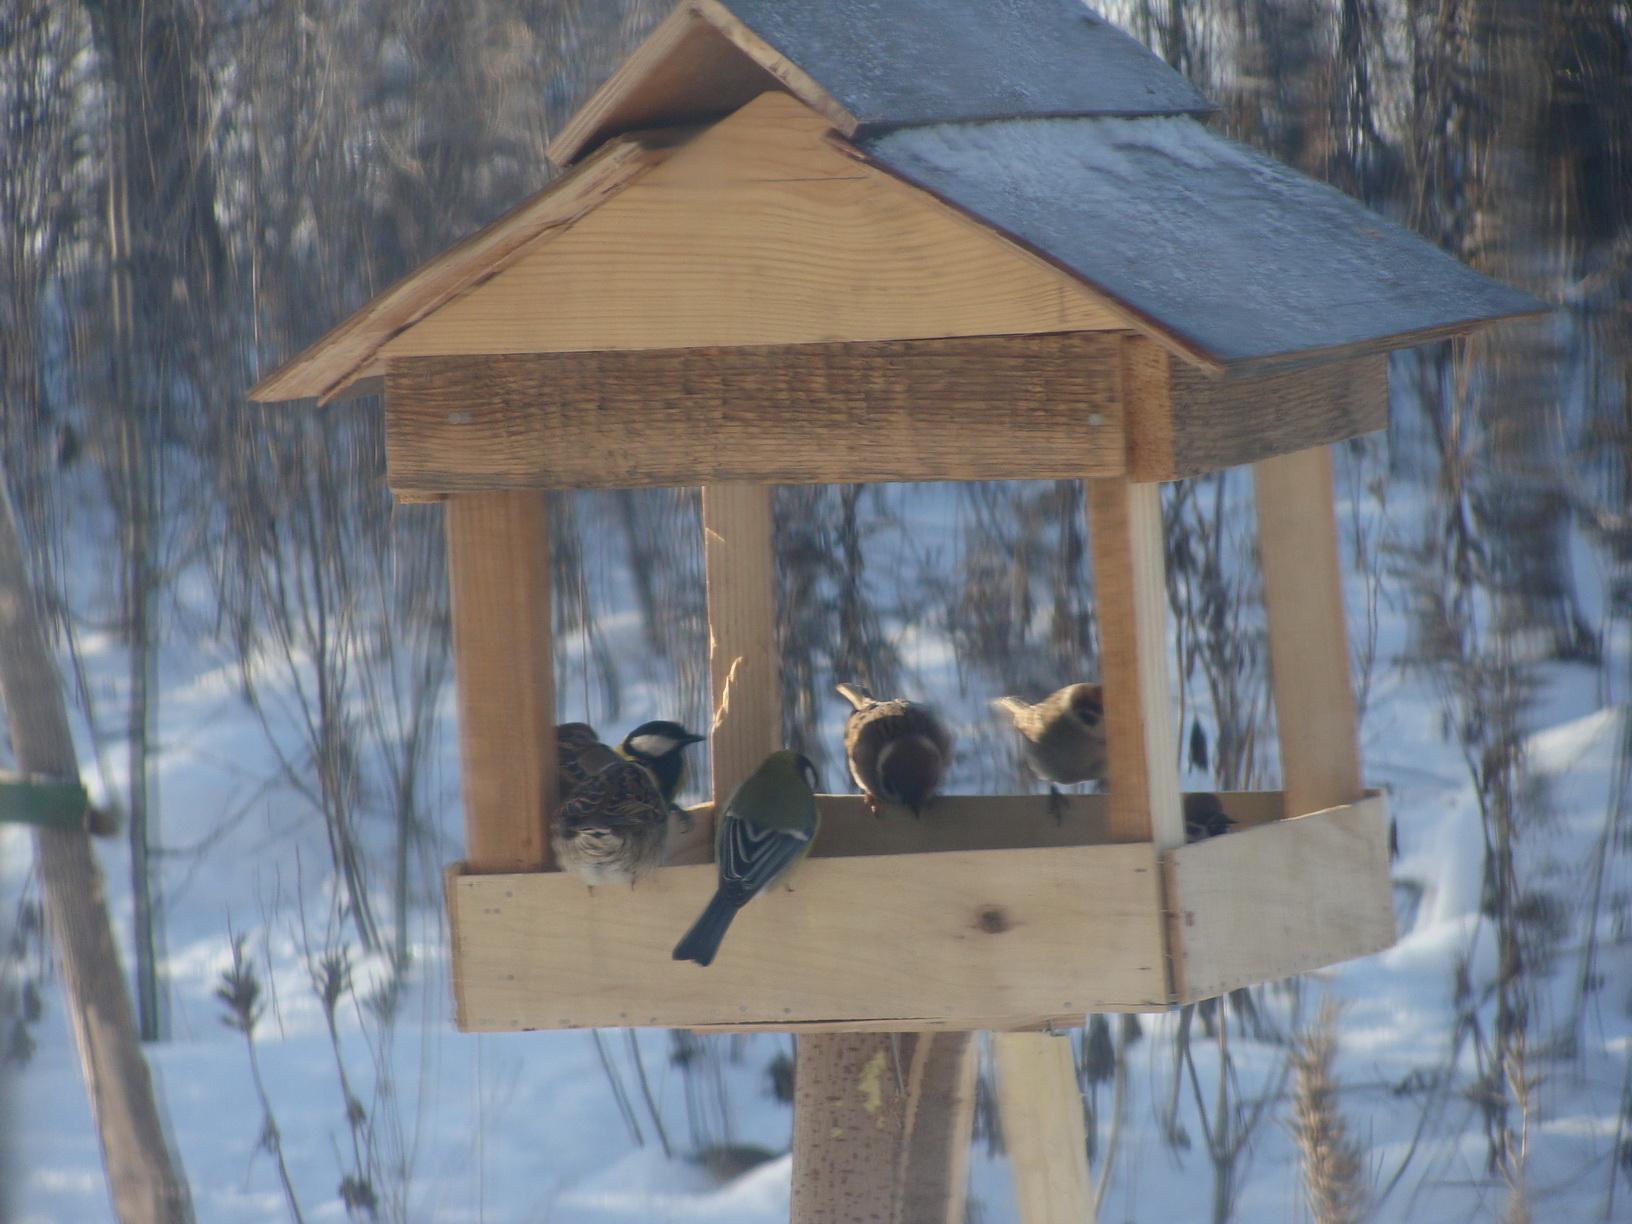 Птицы на кормушке фото